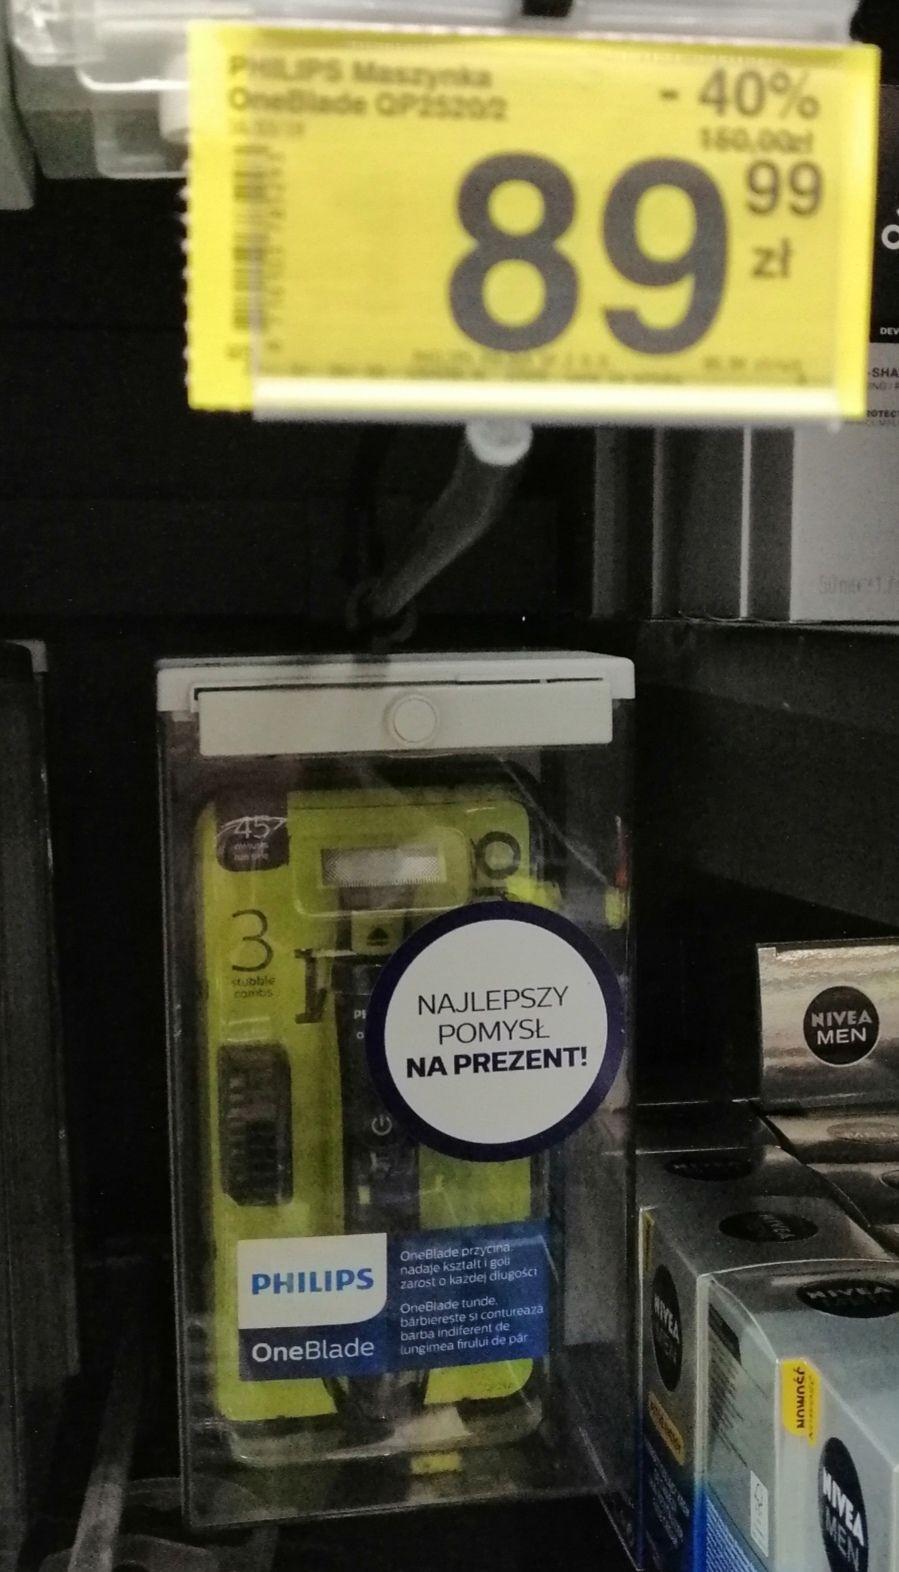 Maszynka do golenia Philips Oneblade QP2520/20 Carrefour Gdańsk Morena